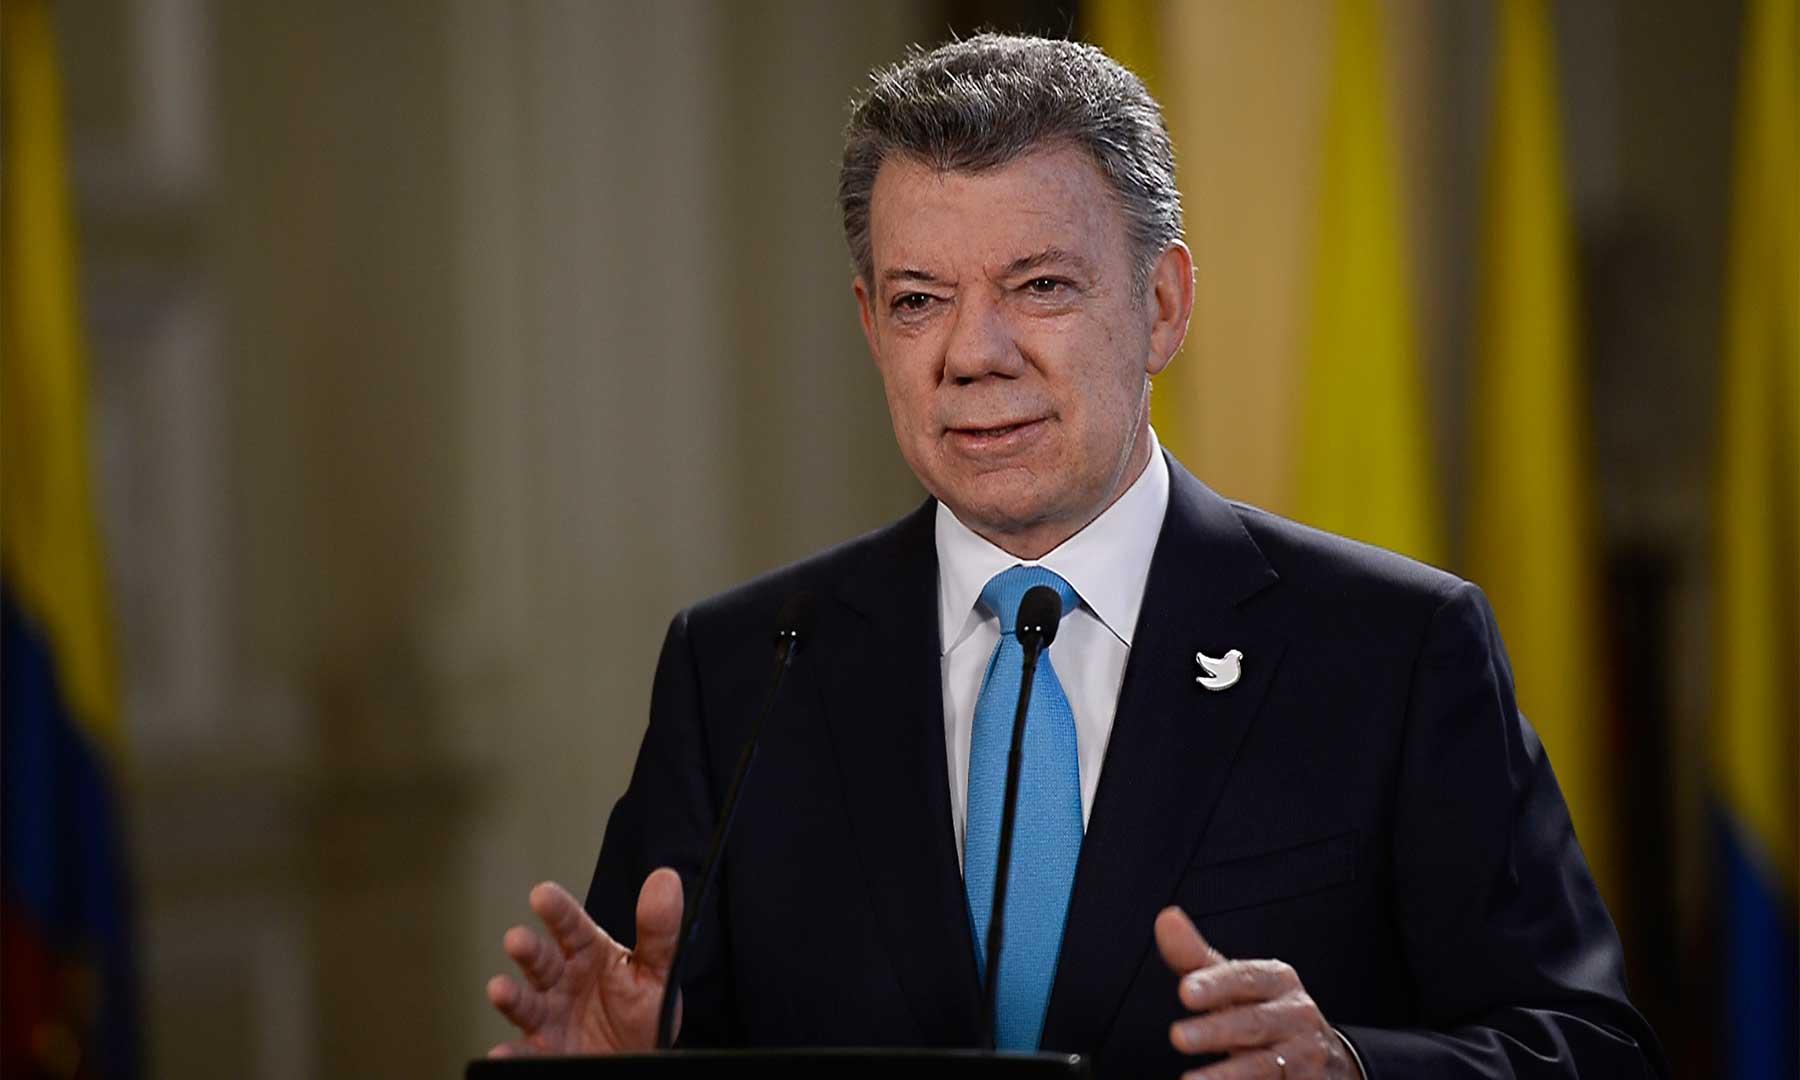 En estos últimos seis años hemos trabajado duro para hacer de Colombia un país en paz, más equitativo y mejor educado, expresó este lunes el Presidente Santos en la alocución con motivo de un nuevo aniversario de gobierno.